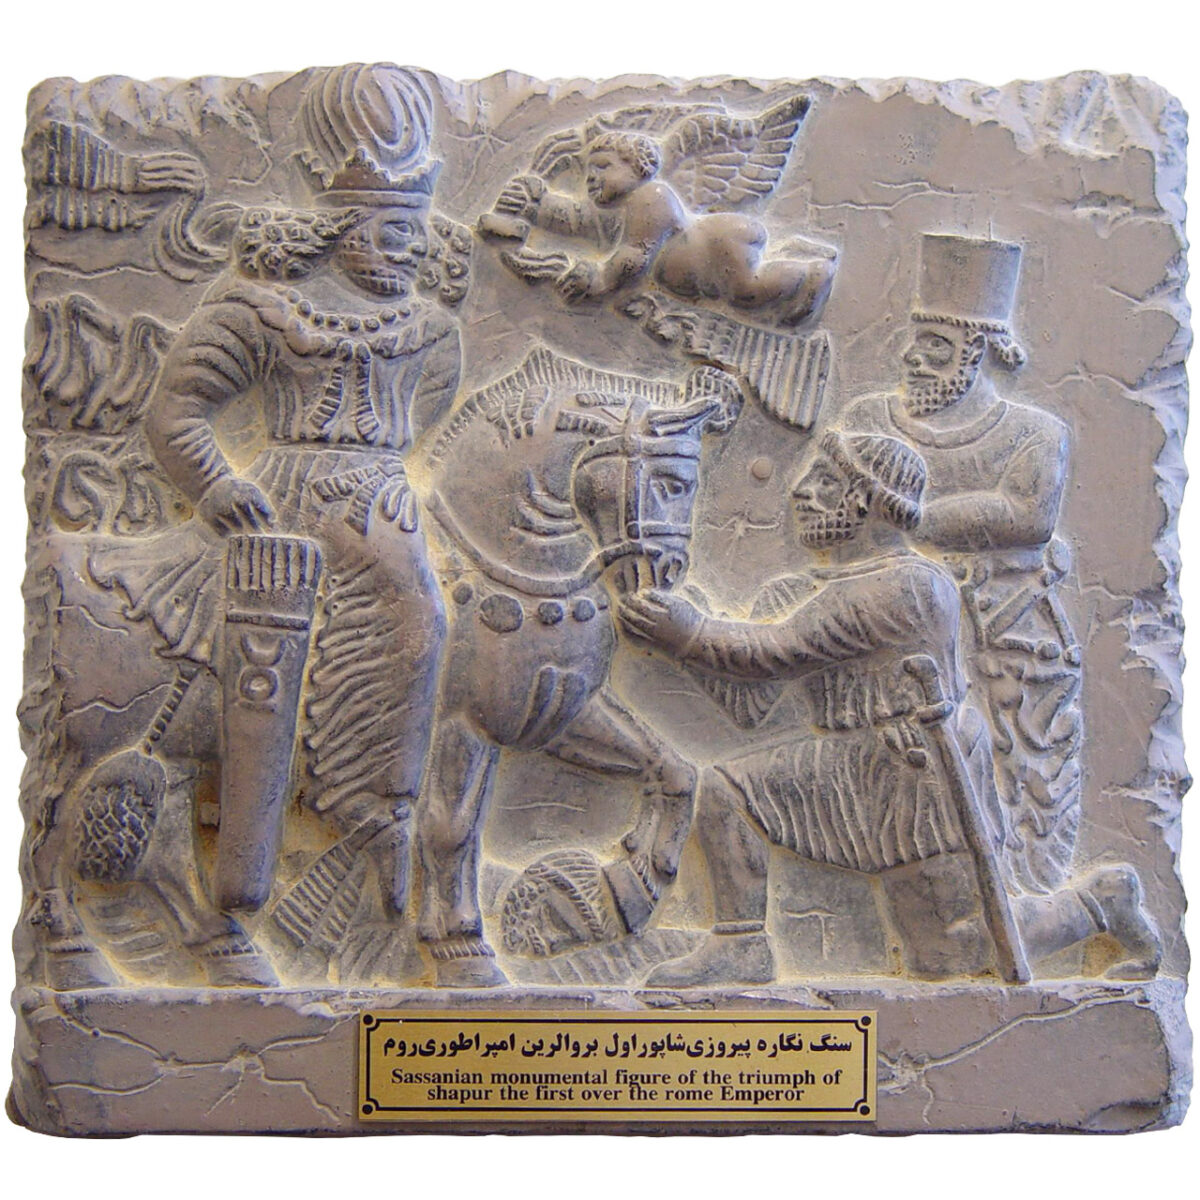 کتیبه تندیس و پیکره شهریار مدل پیروزی شاپور اول بر امپراطوری روم کد MO760